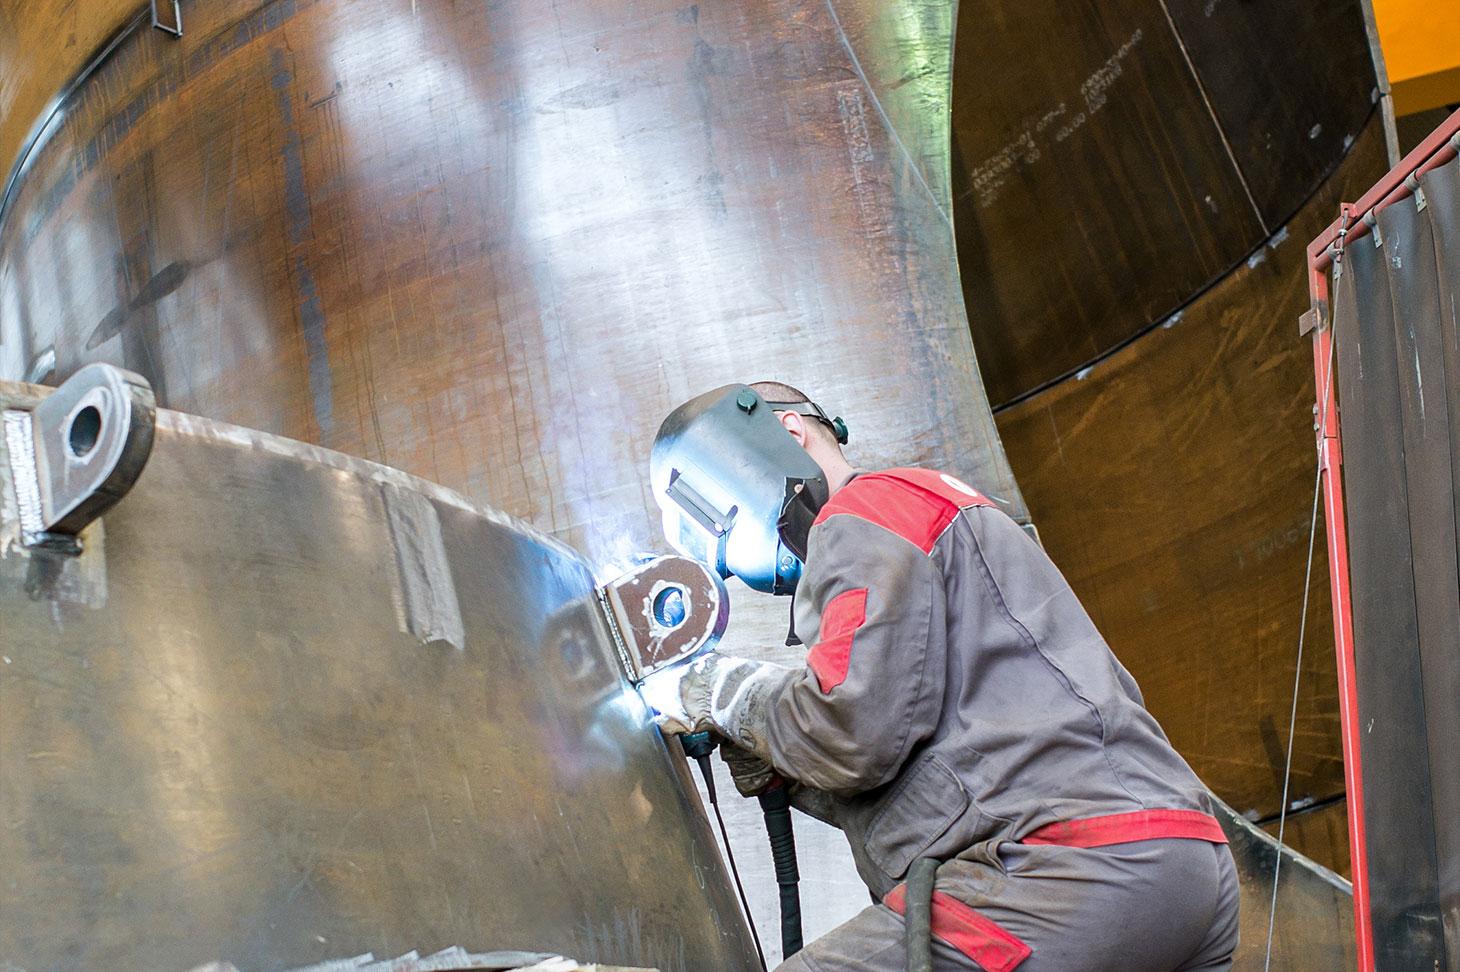 Die Druckrohrleitungen, für welche die voestalpine den Stahl entwickelte und lieferte, der den enormen Bedingungen standhält und eine Lebensdauer von 100 Jahren garantiert.